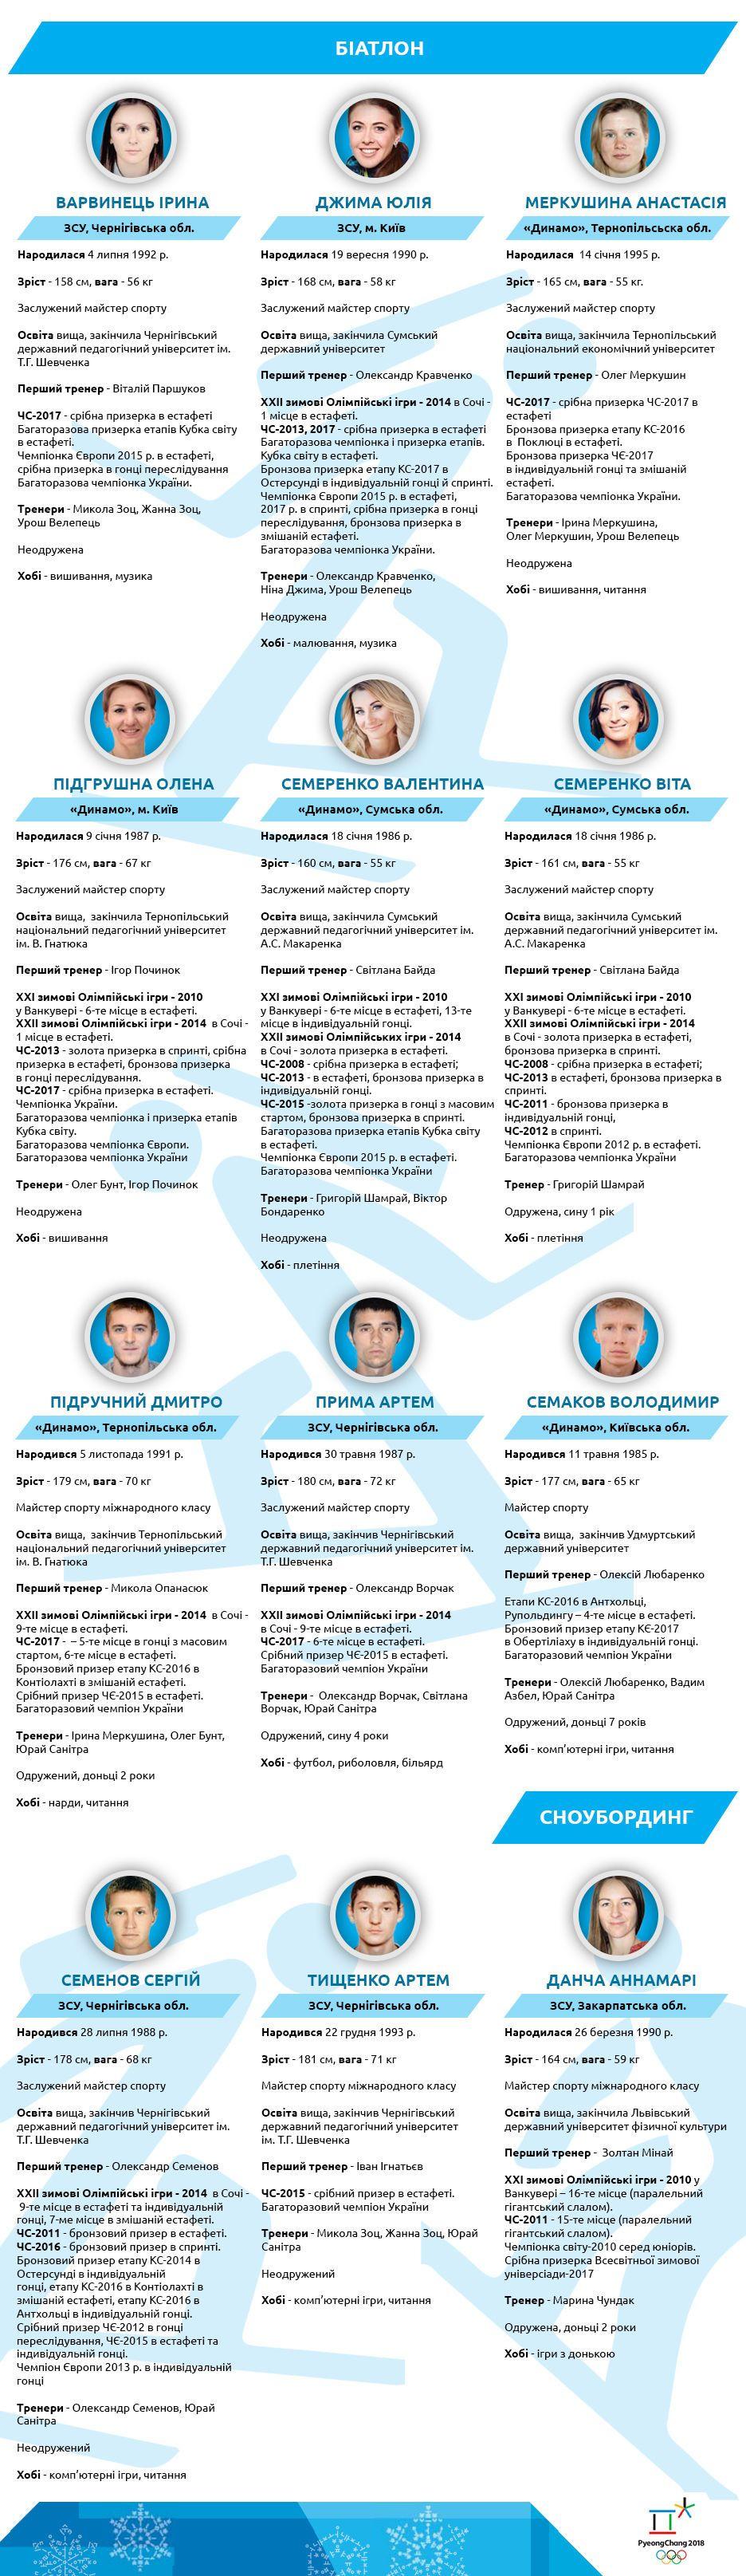 олімпійська команда україни 2018_2